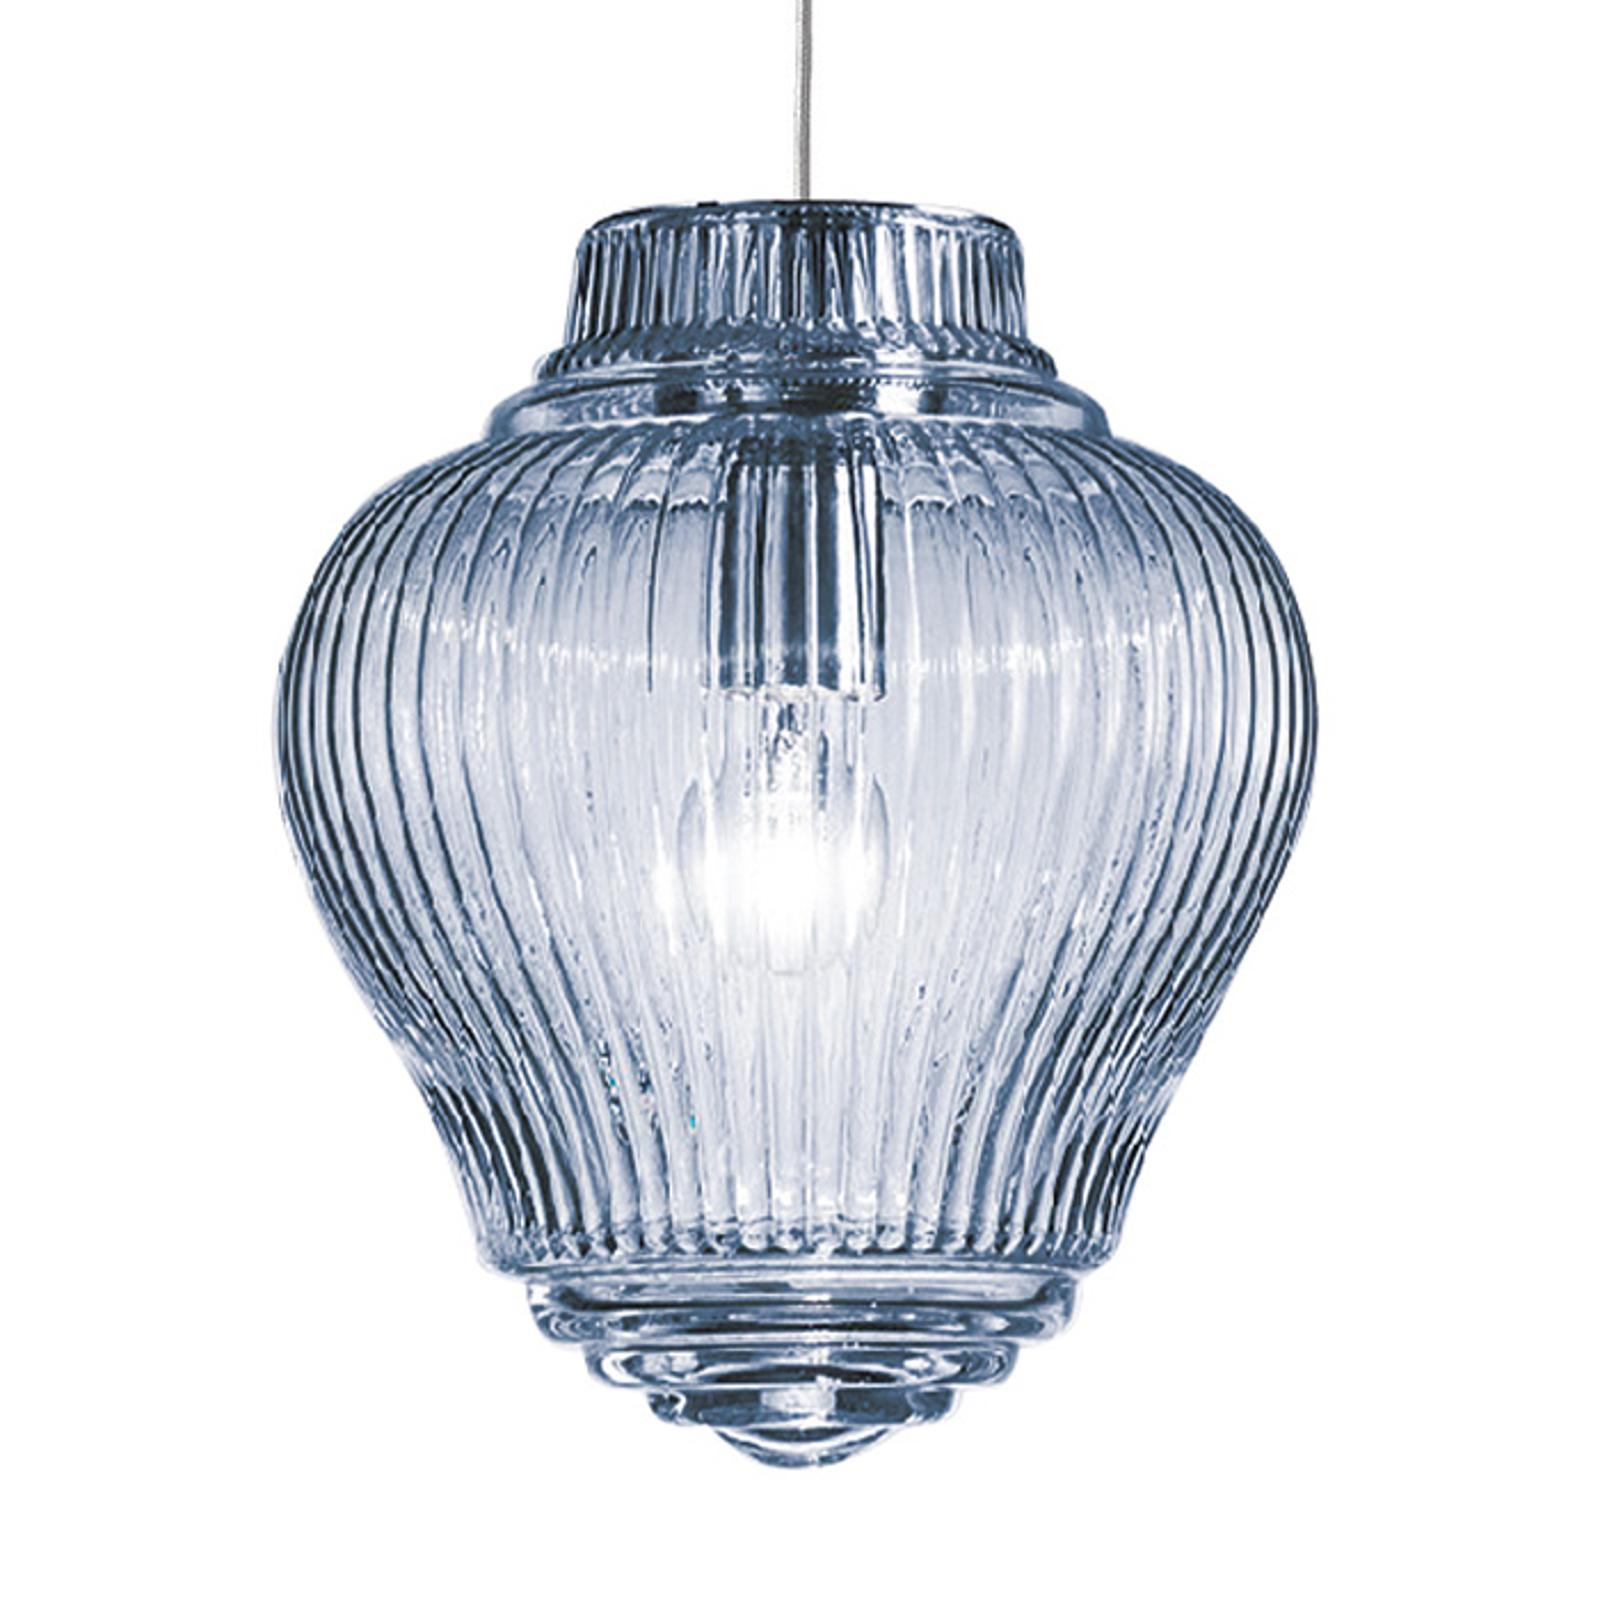 Hanglamp Clyde 130 cm lichtblauw